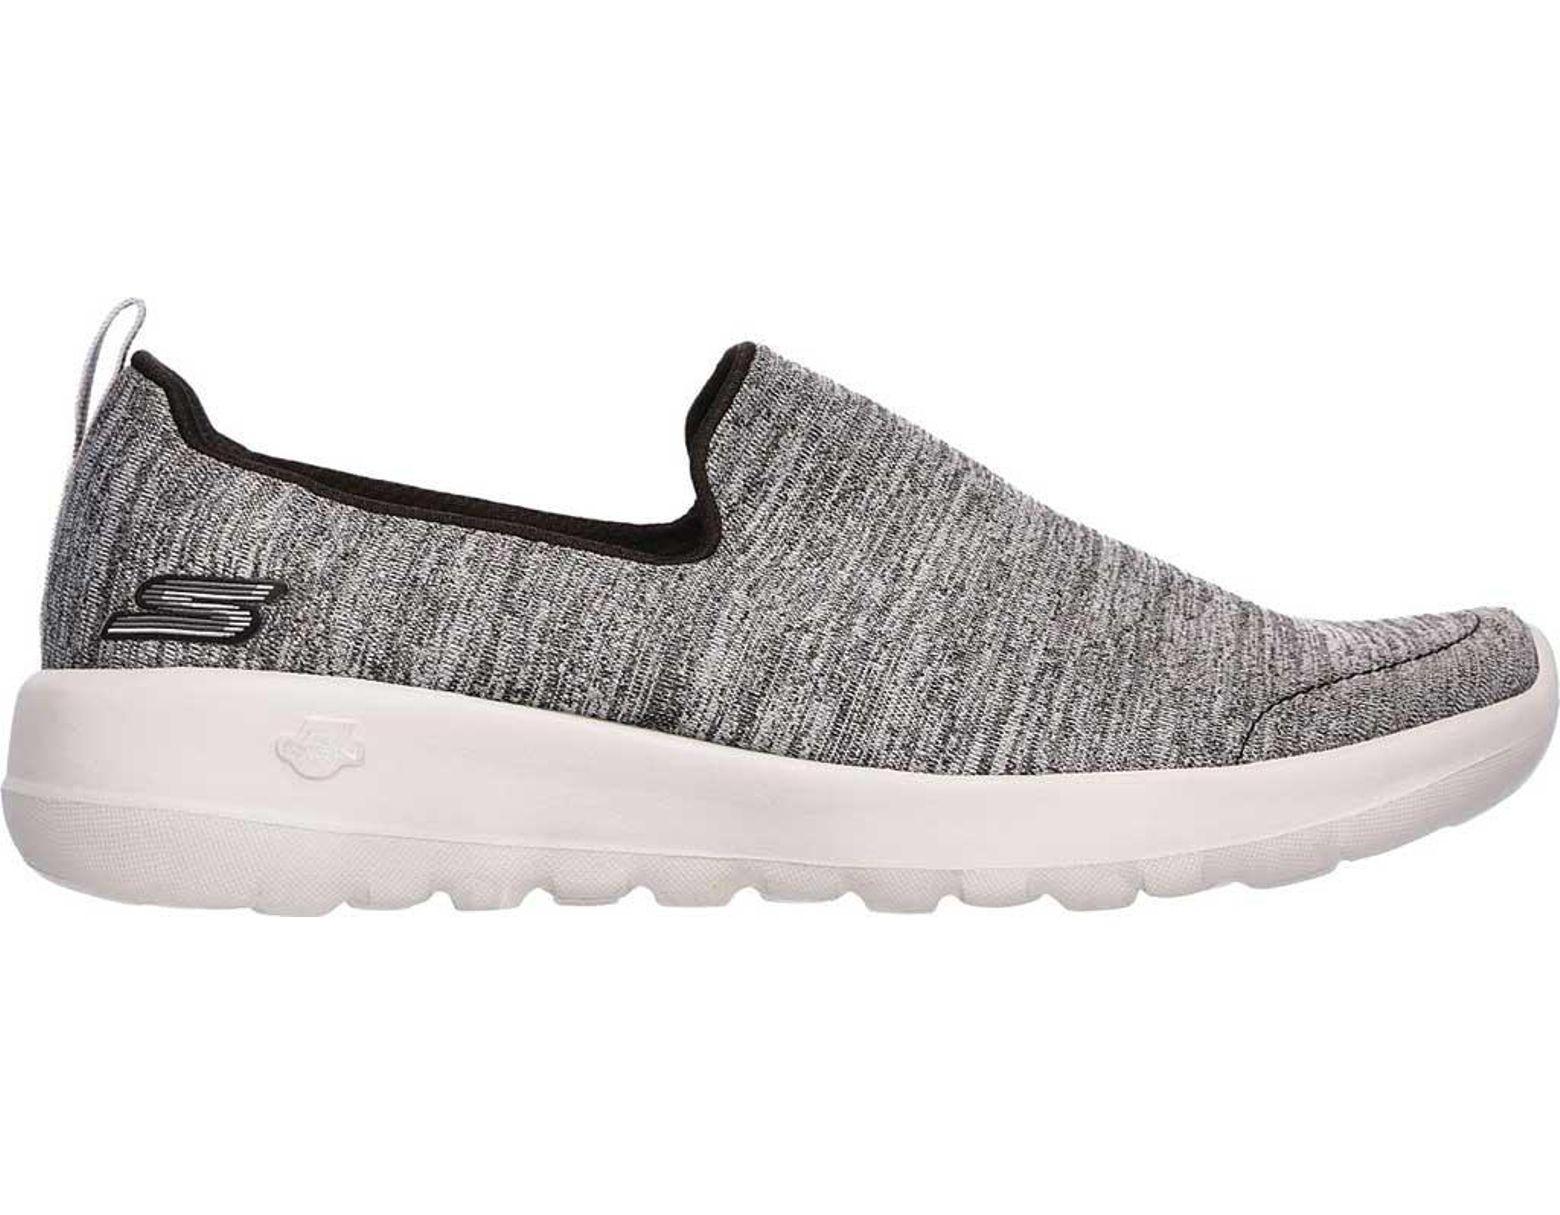 the latest 6d122 e55f7 Lyst - Skechers Gowalk Joy Enchant Slip-on Walking Shoe